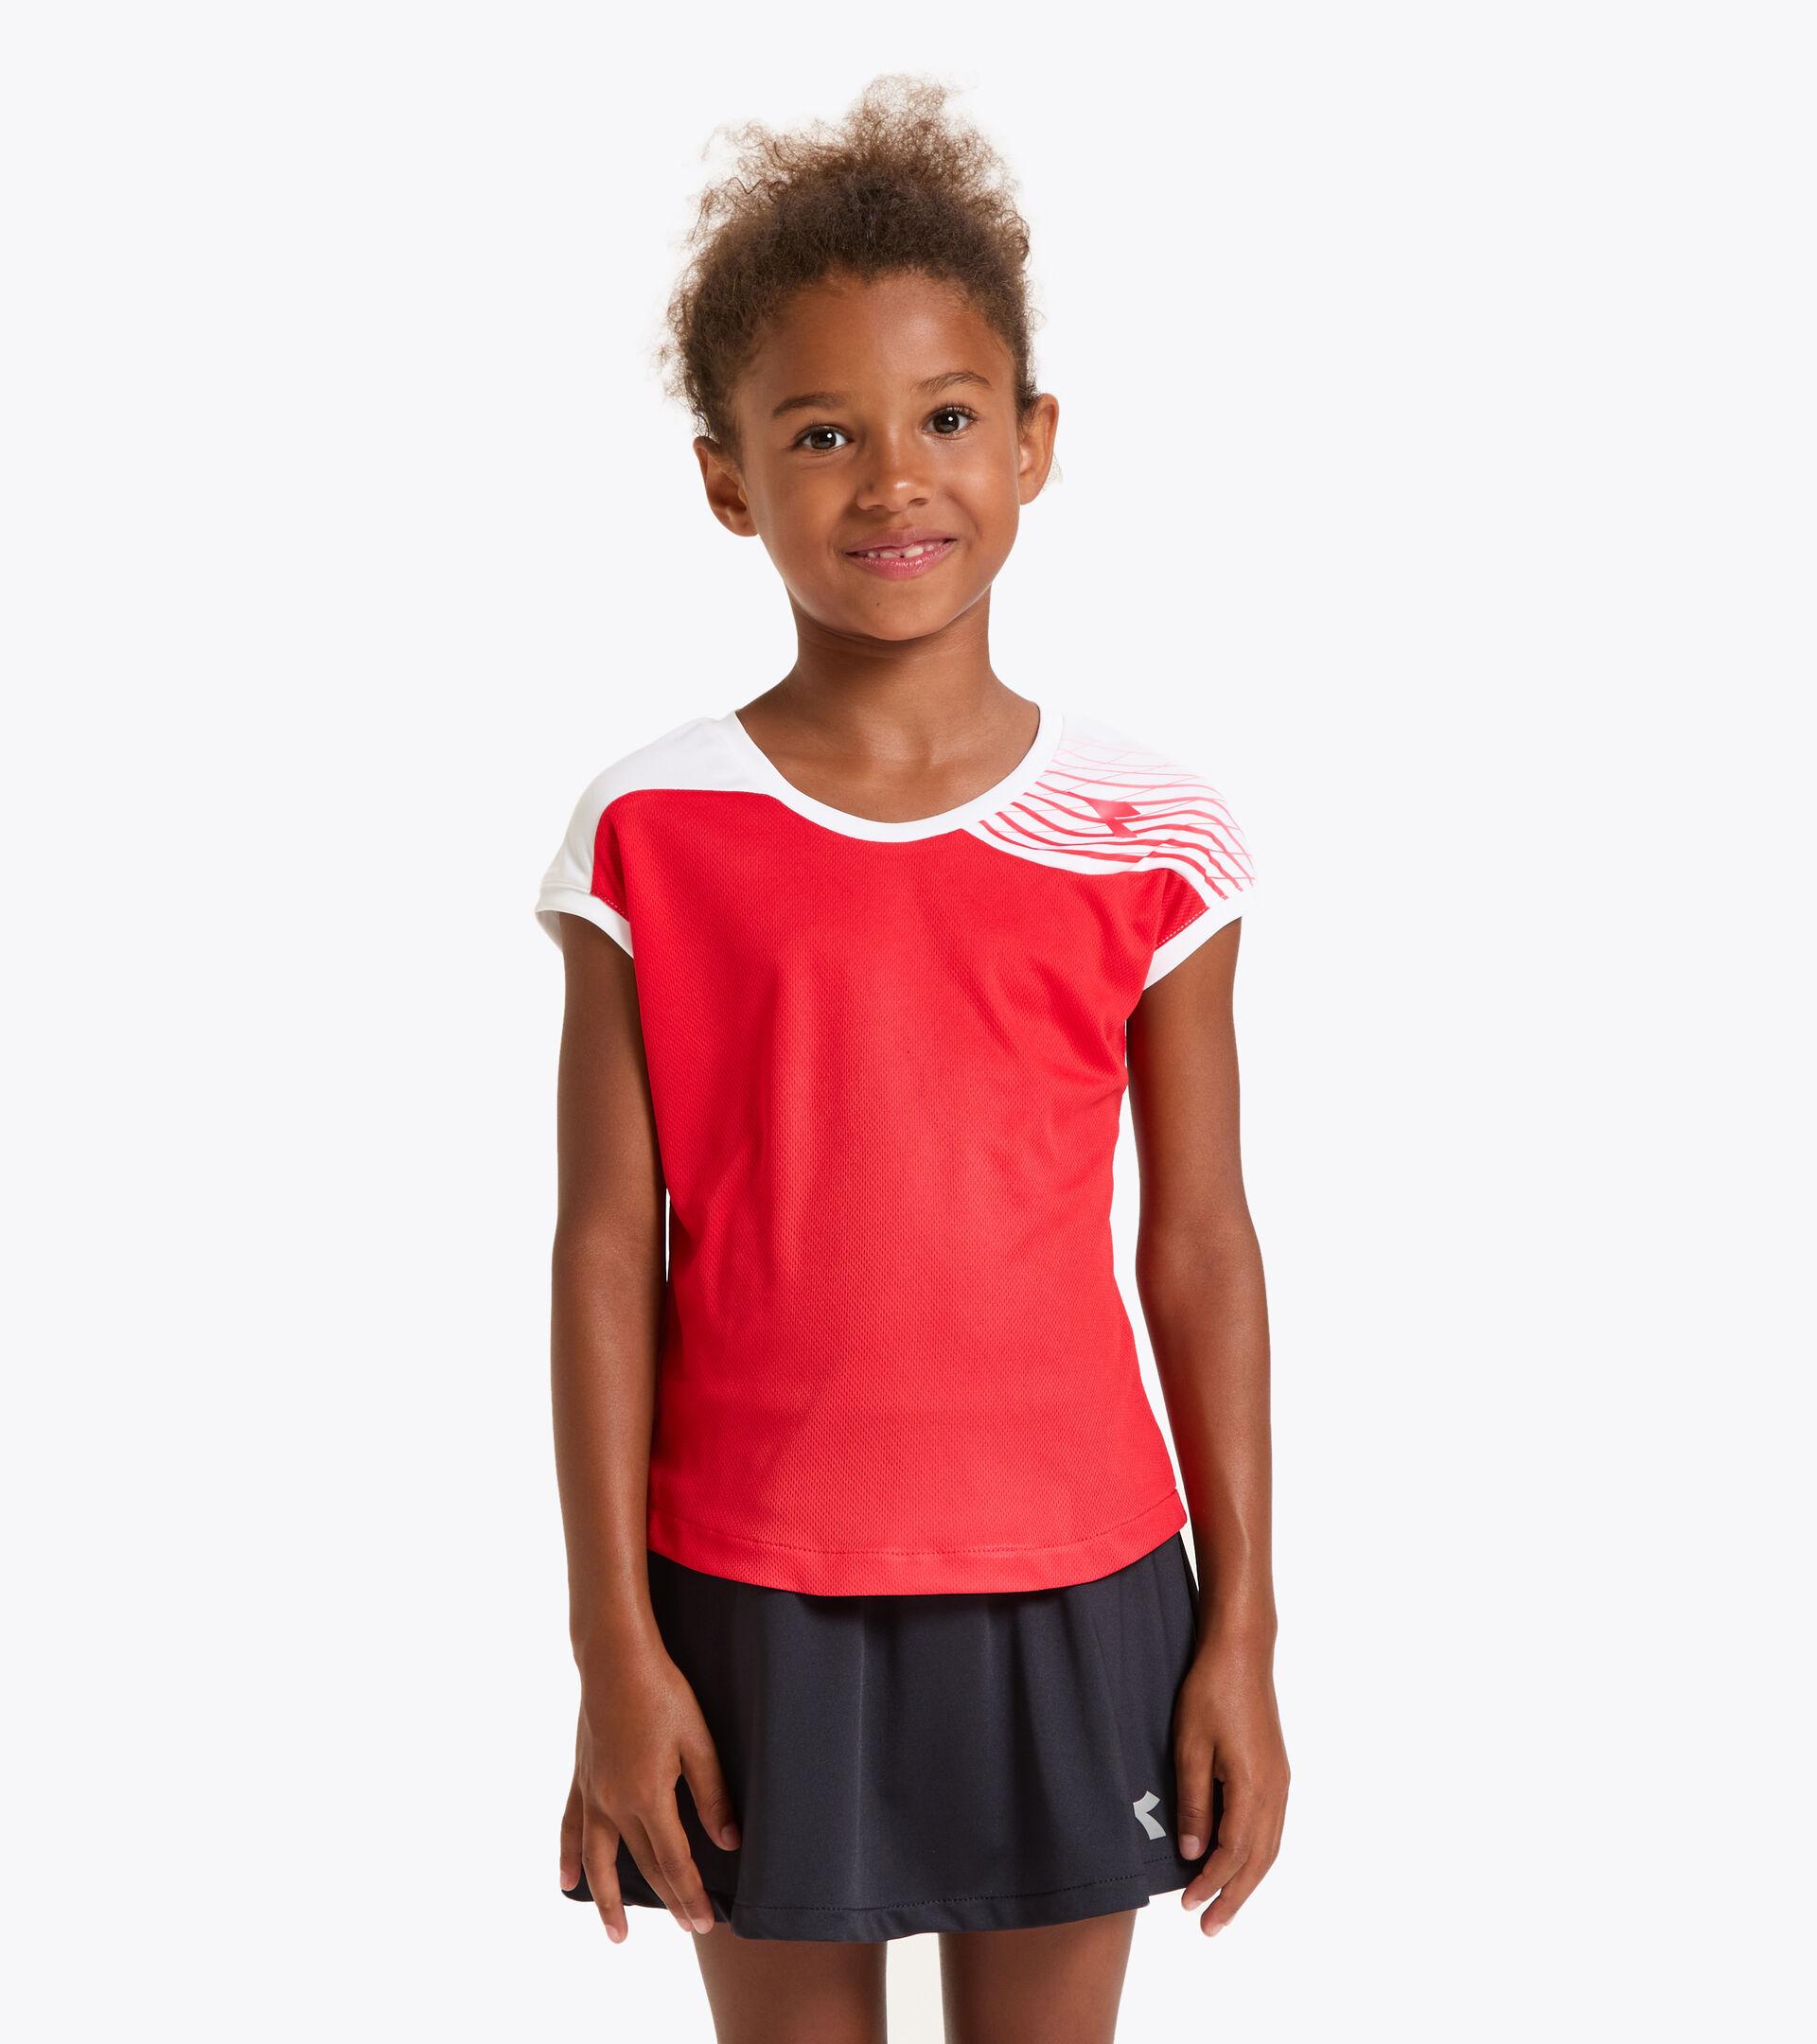 Tennis-T-Shirt - Junior G. T-SHIRT COURT TOMATENROT - Diadora